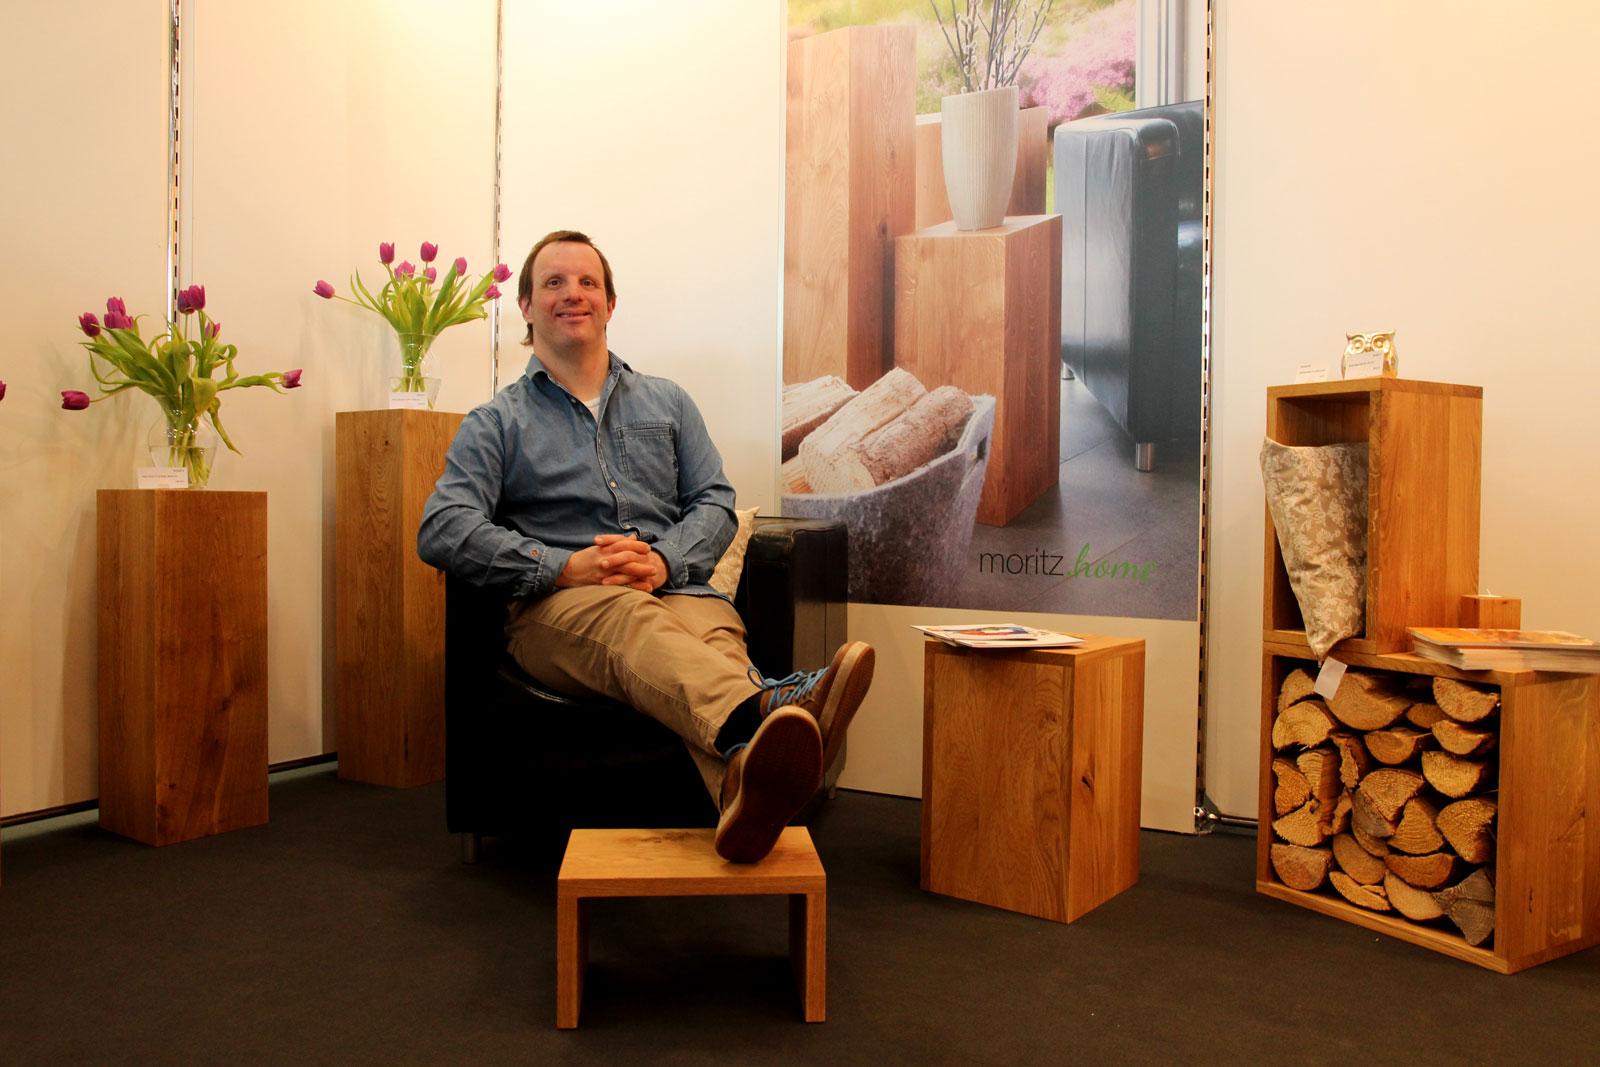 Fühlte sich auf dem Stand der Lebenshilfe sichtlich wohl: Ralph Engelhardt, der selbst in der Produktion der Moritzberg-Werkstätten tätig ist und stolz auf seine Arbeit ist.